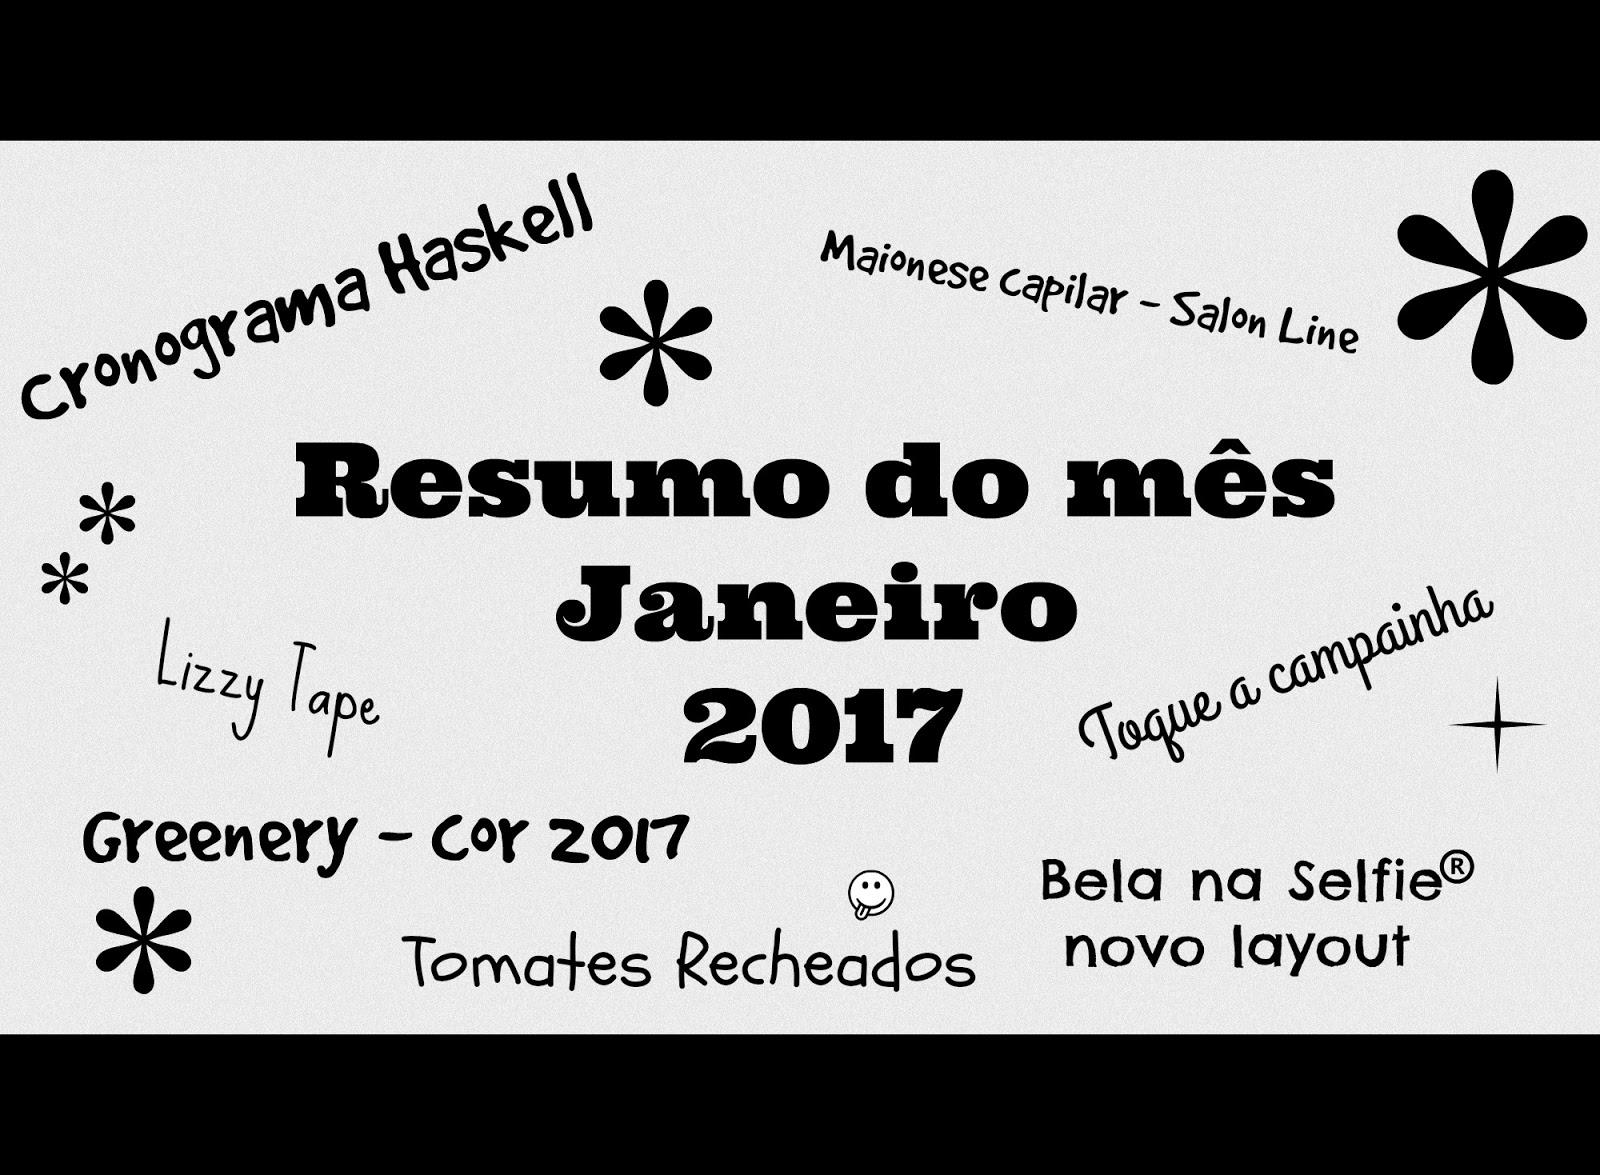 Resumo do mês - janeiro - 2017 - belanaselfie